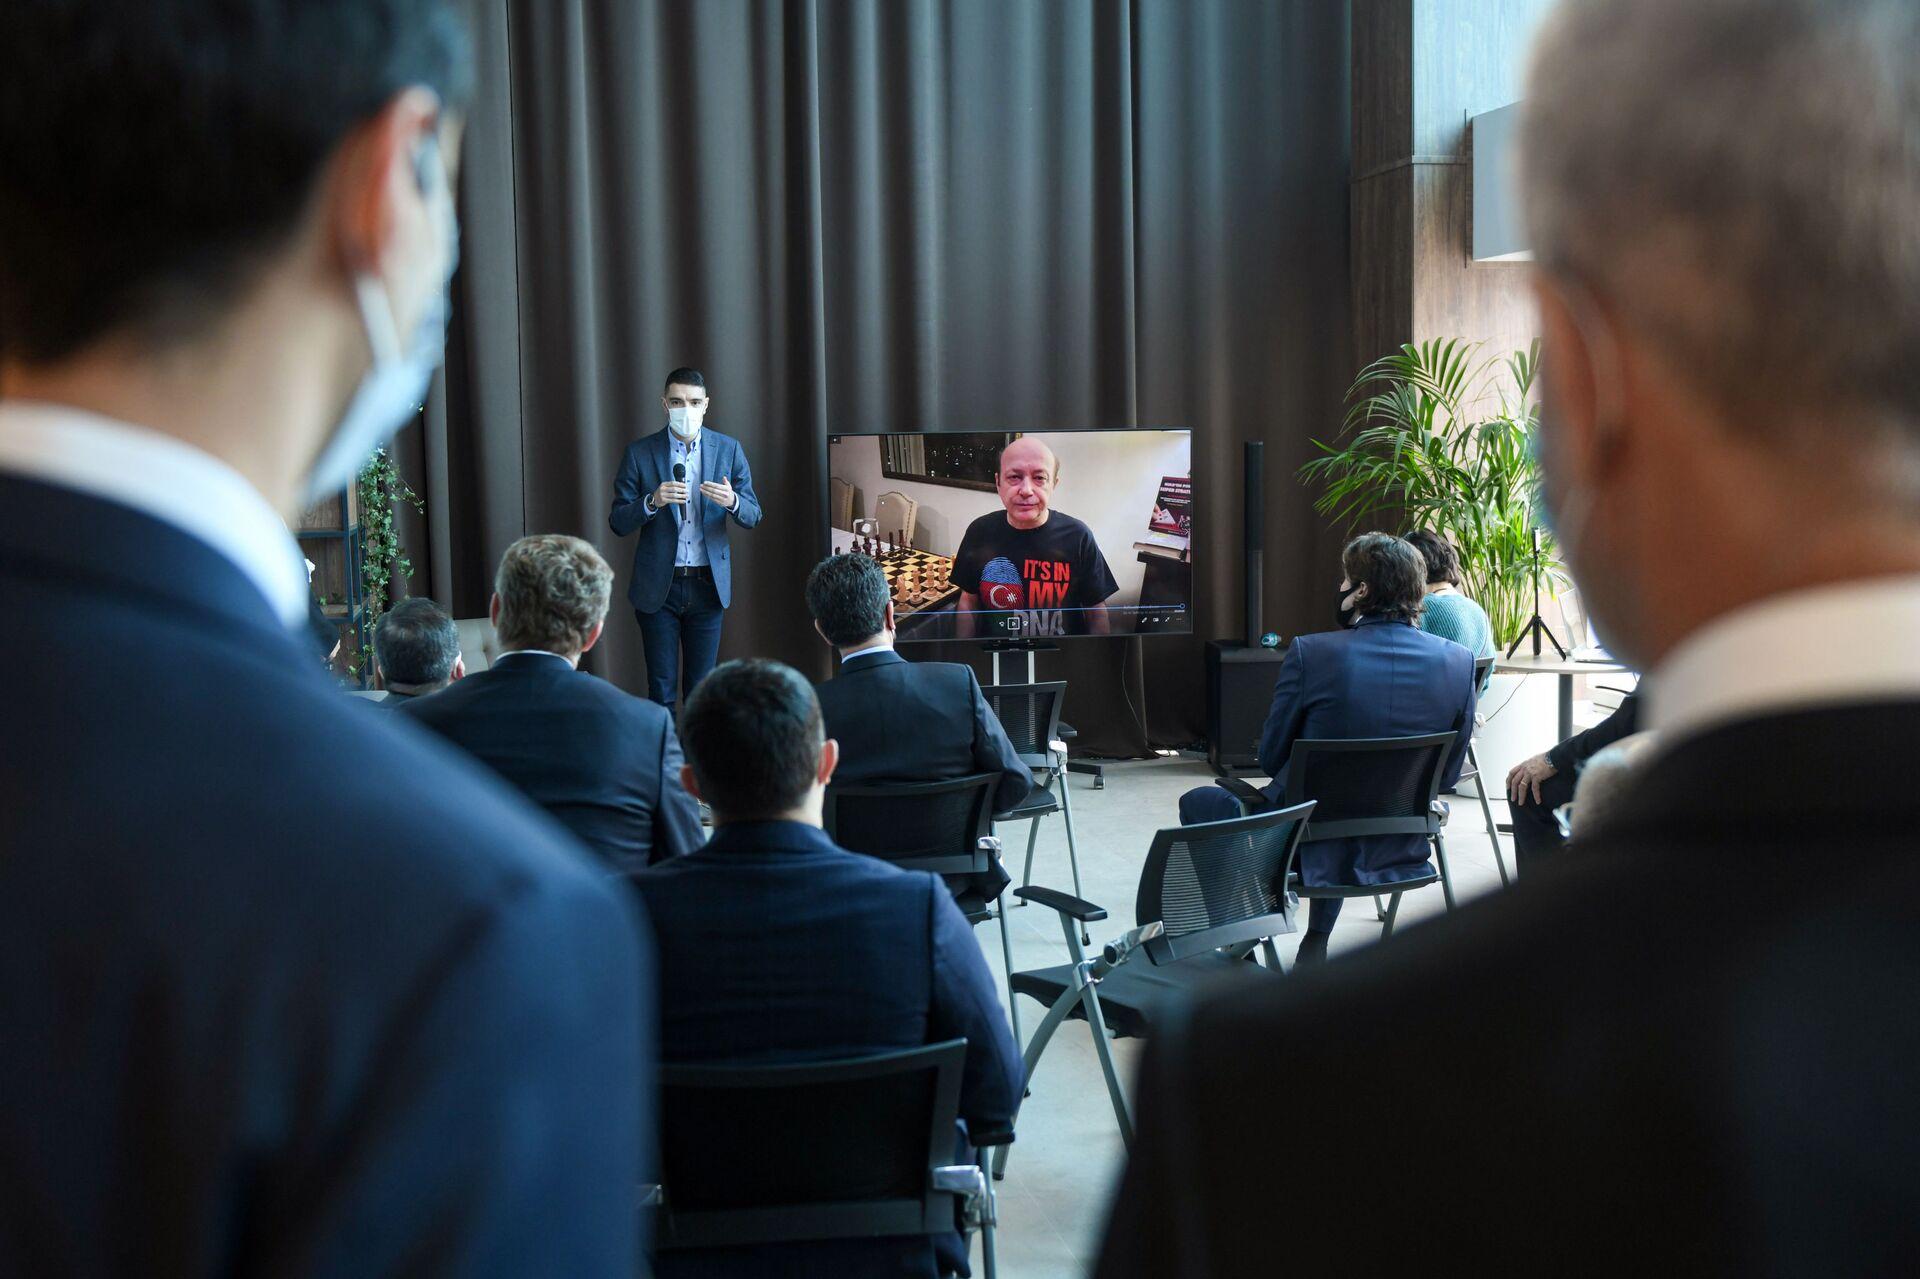 Центр технологий Лютфи Заде соберет всех азербайджанцев, готовых к развитию - Sputnik Азербайджан, 1920, 04.02.2021